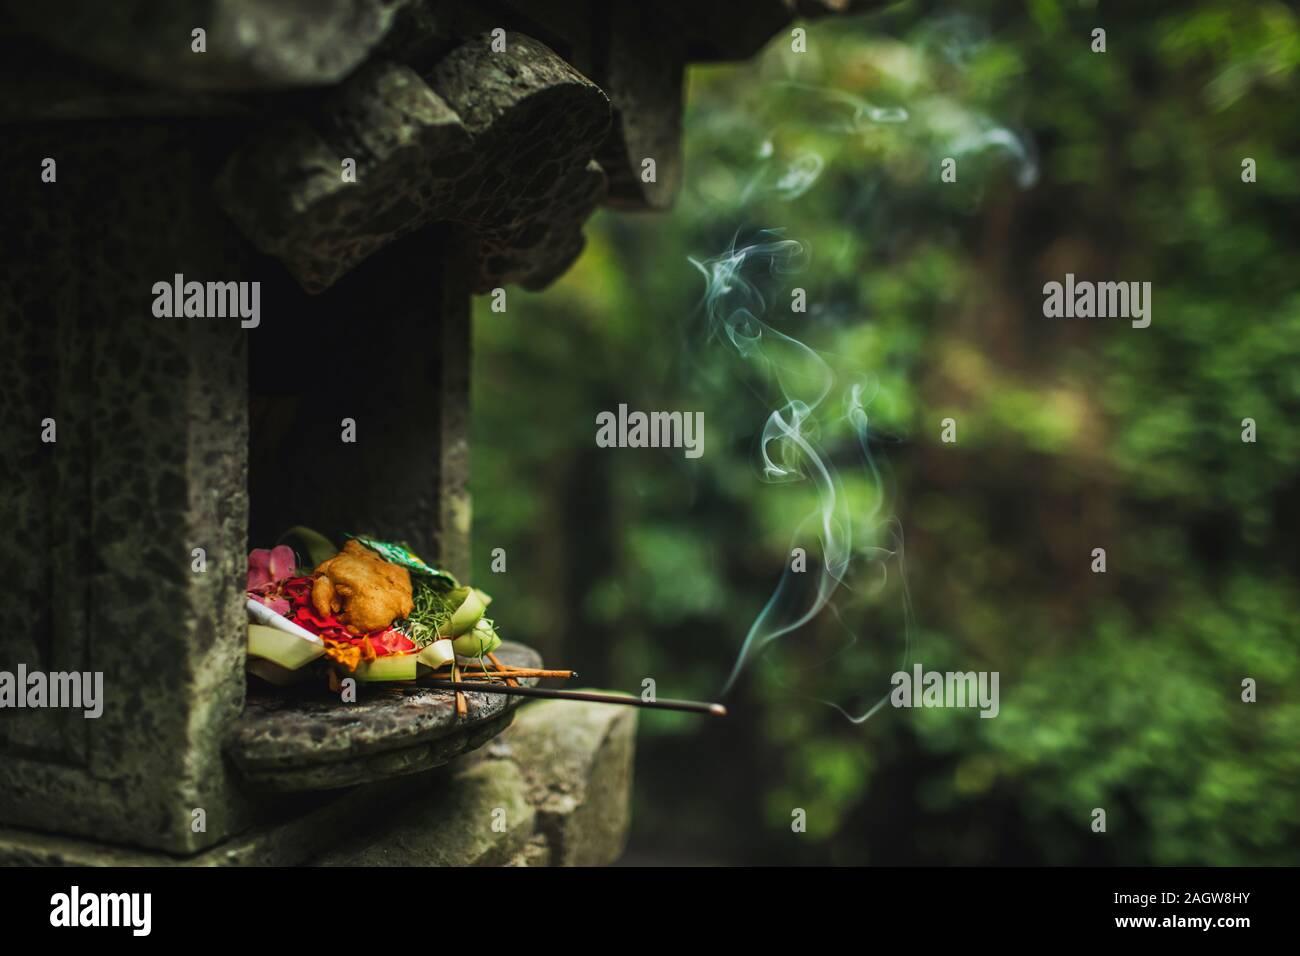 Traditionelle balinesische Canang Sari Angebote für Götter und Geister mit Blumen, Essen und rauchige Aroma Sticks auf dunkelgrünem Hintergrund. Indonesische Kultur und Religion. Bali authentisch Travel Concept. Stockfoto